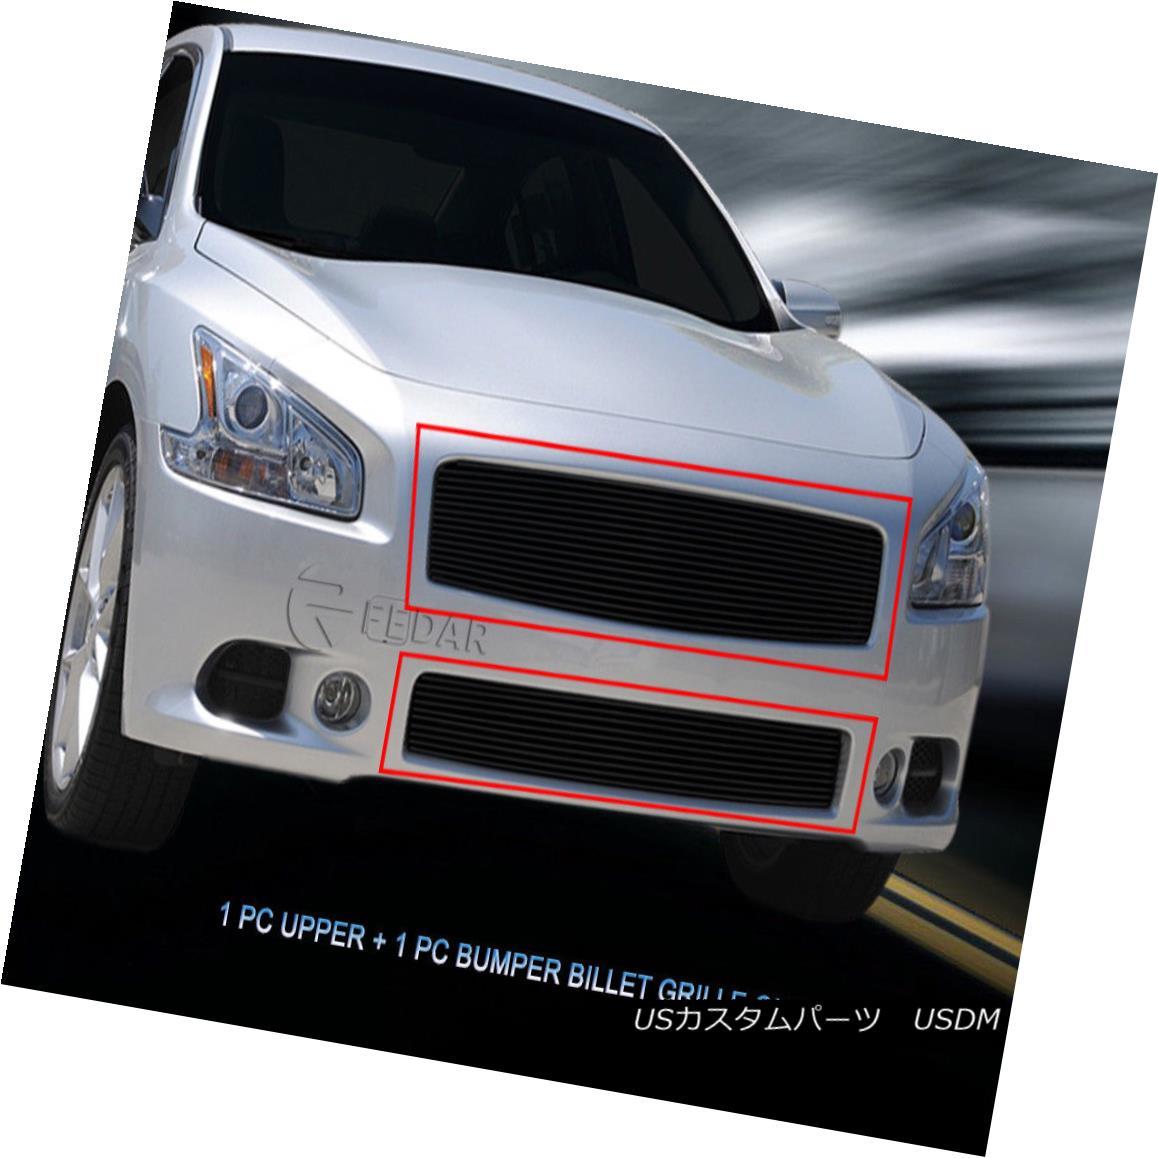 グリル Fits 09-14 Nissan Maxima Black Billet Grille Grill Combo Insert Fedar フィット09月14日日産マキシマブラックビレットグリルグリルコンボインサートFedar